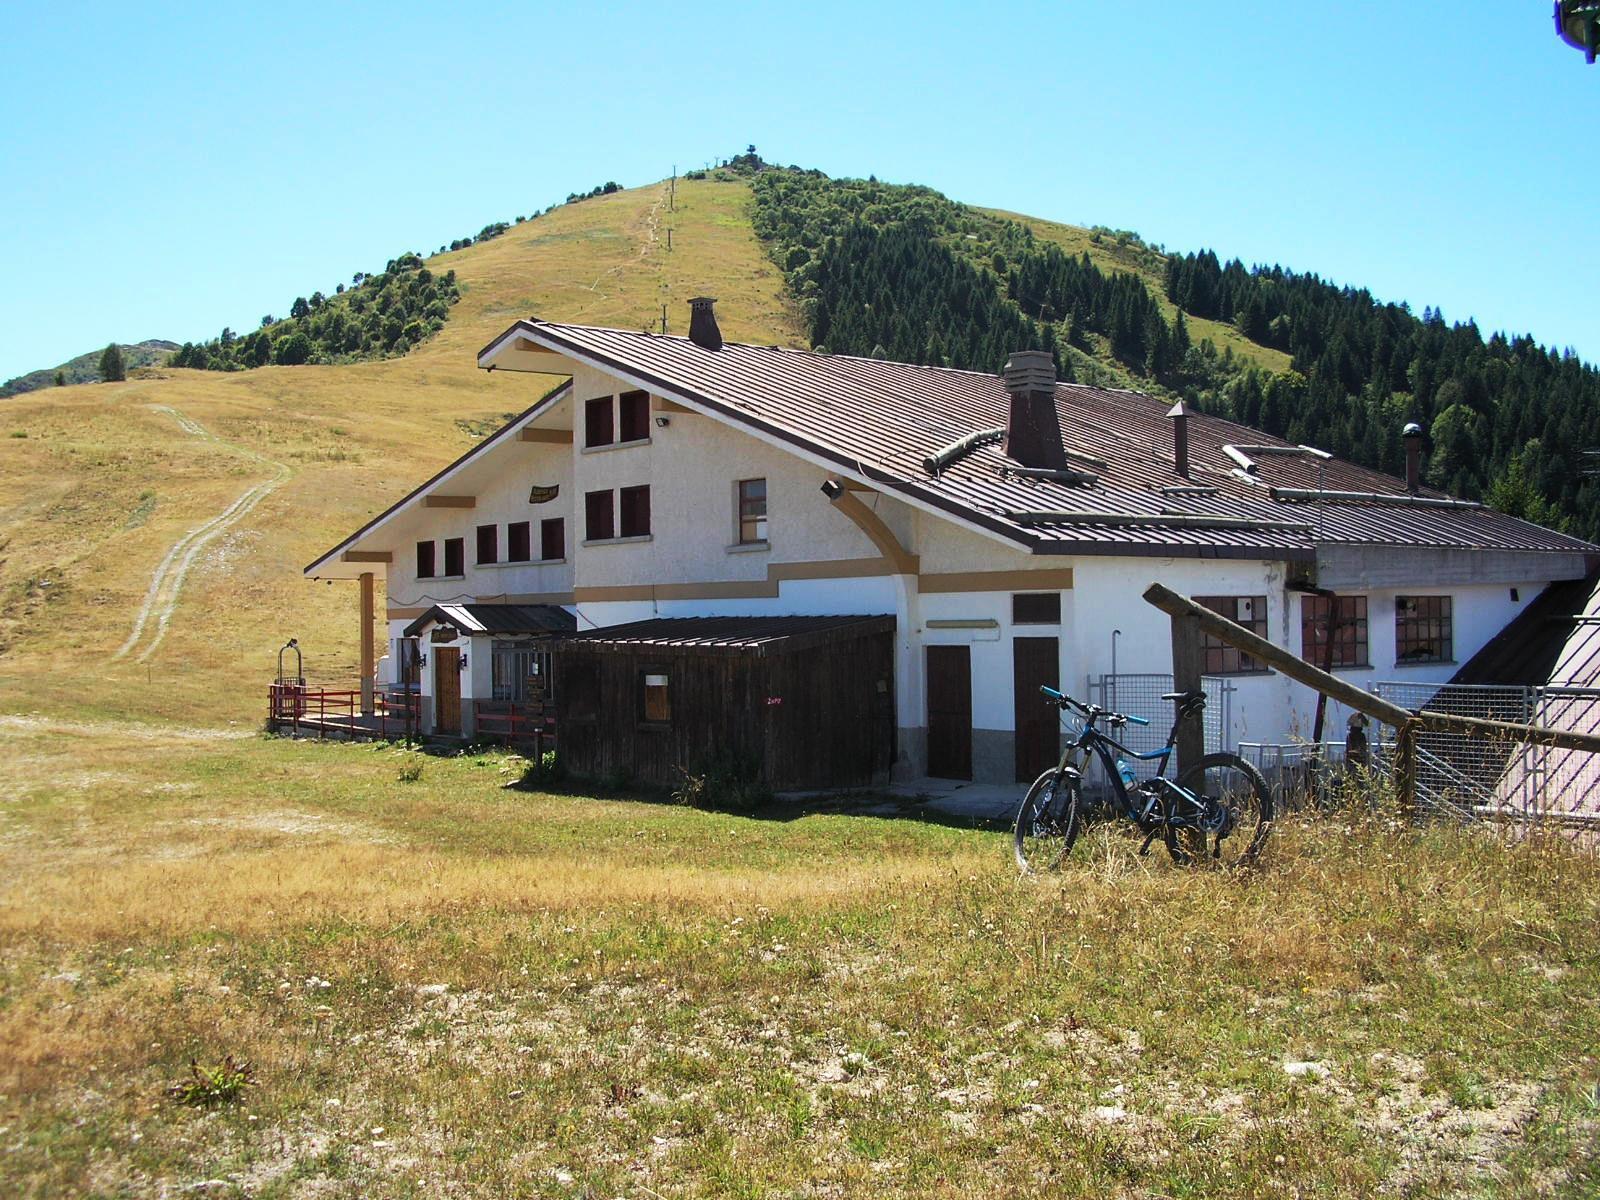 Baita Monte Pigna, malinconicamente chiusa pochi giorni prima di ferragosto